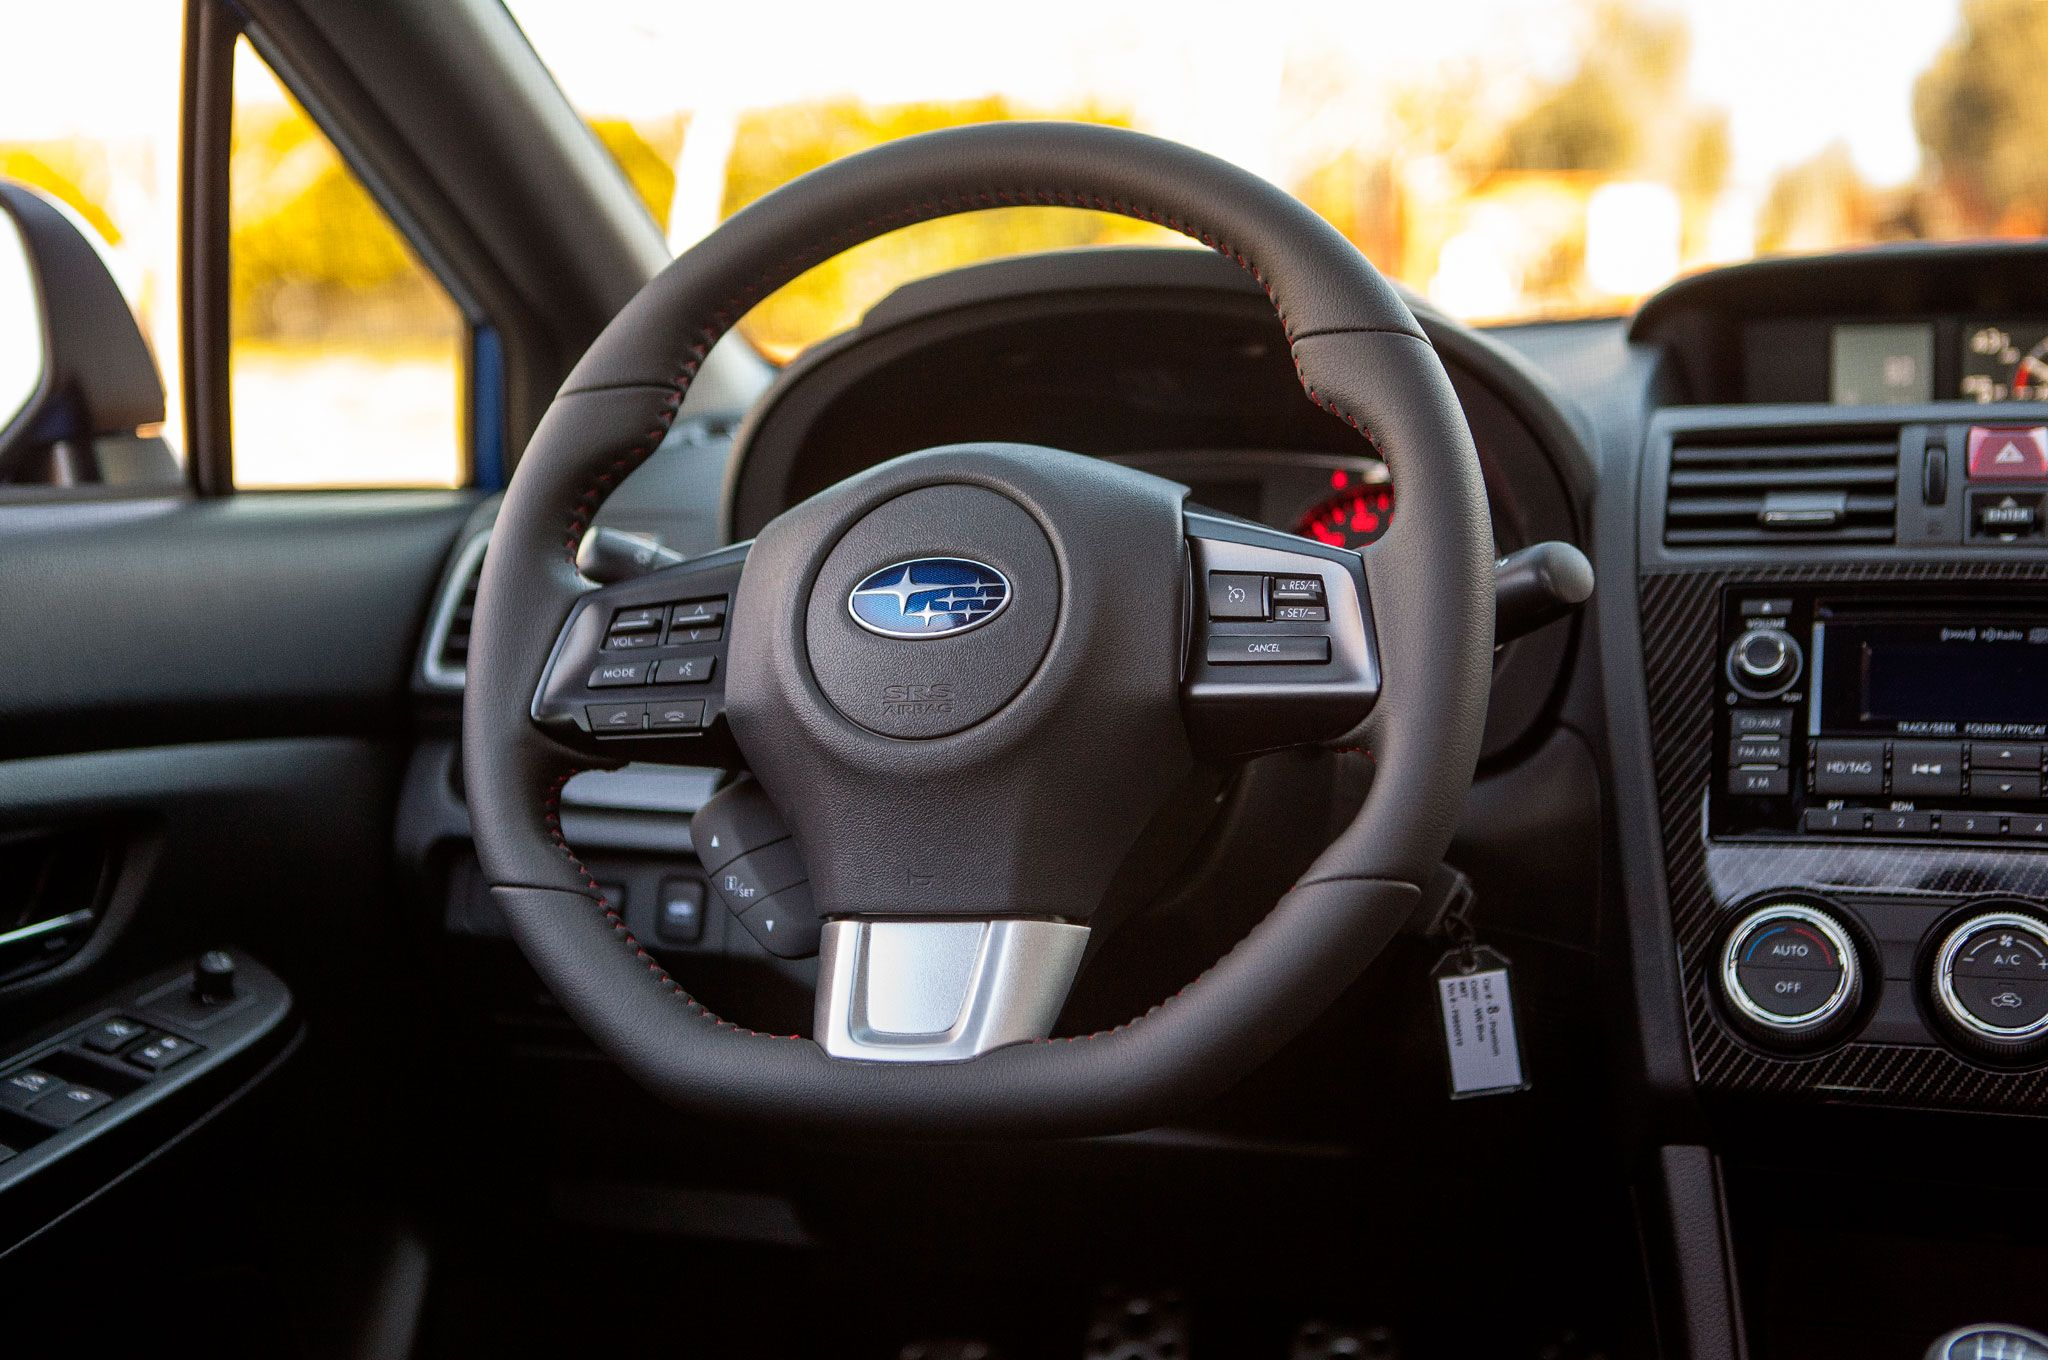 2015 Subaru WRX steering wheel 3 brown sport multifunction leather ...